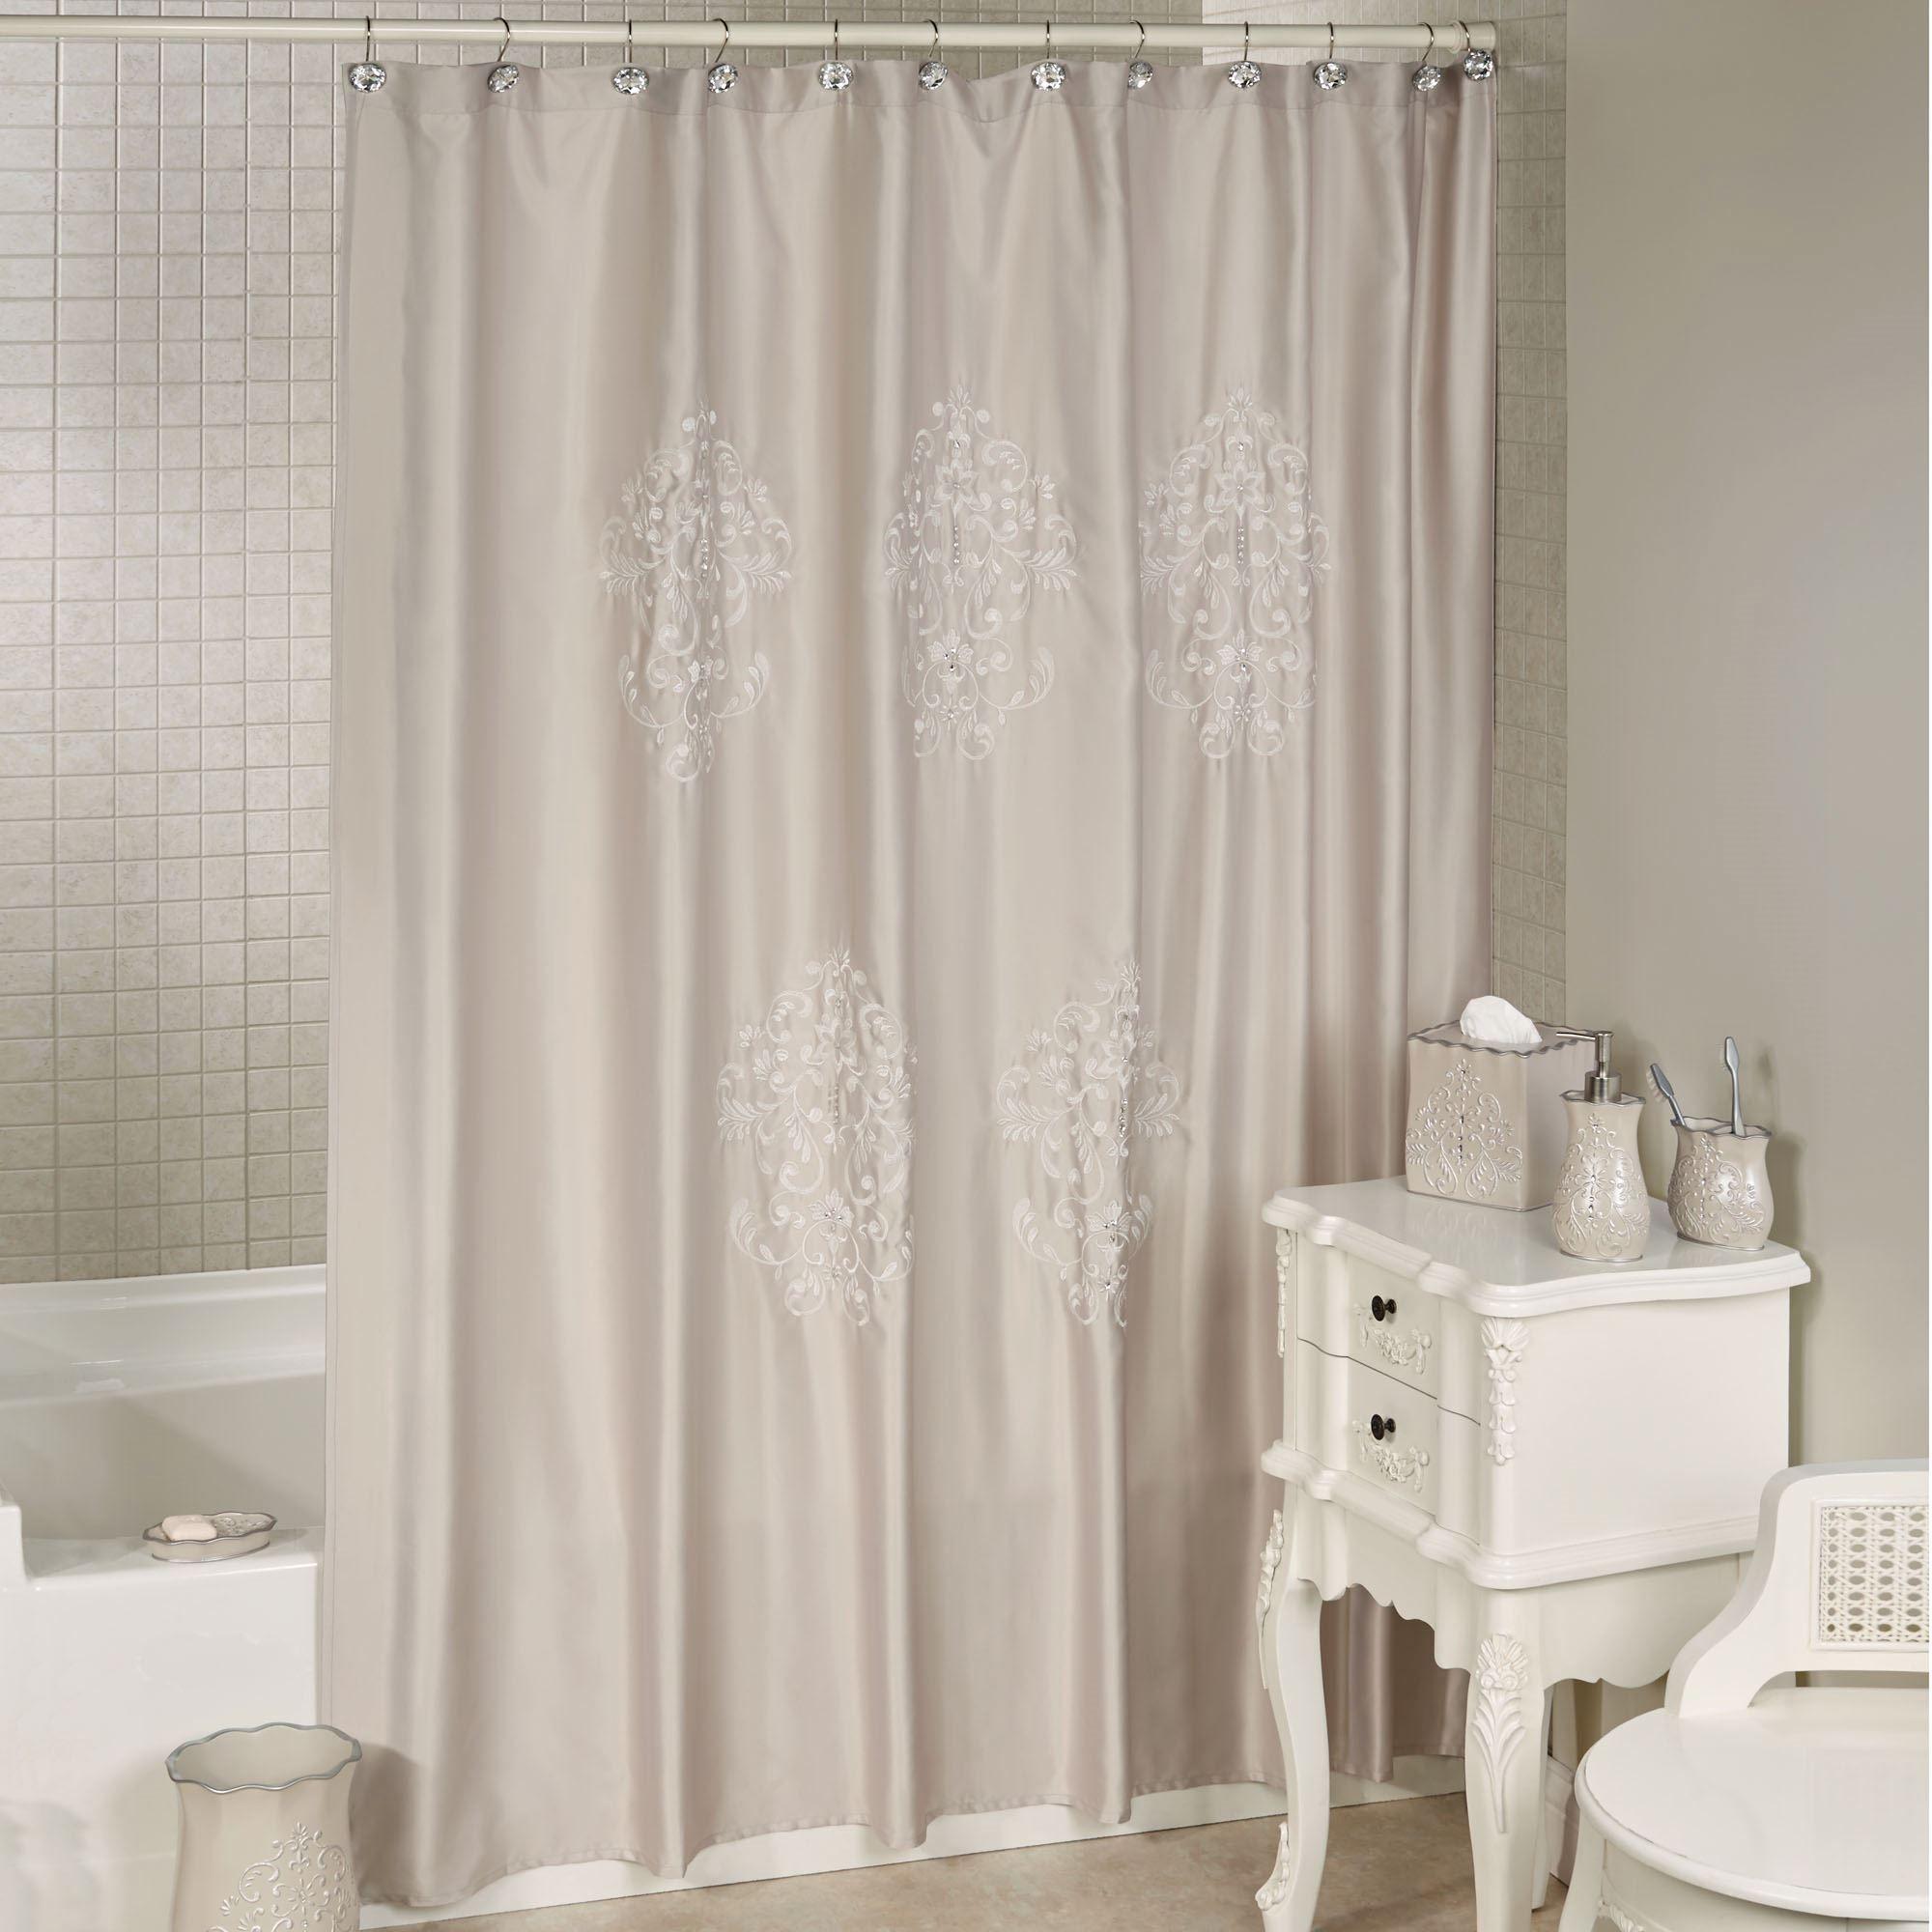 curtain kitchen home shower maytex amazon linen dp beige fabric com stripe